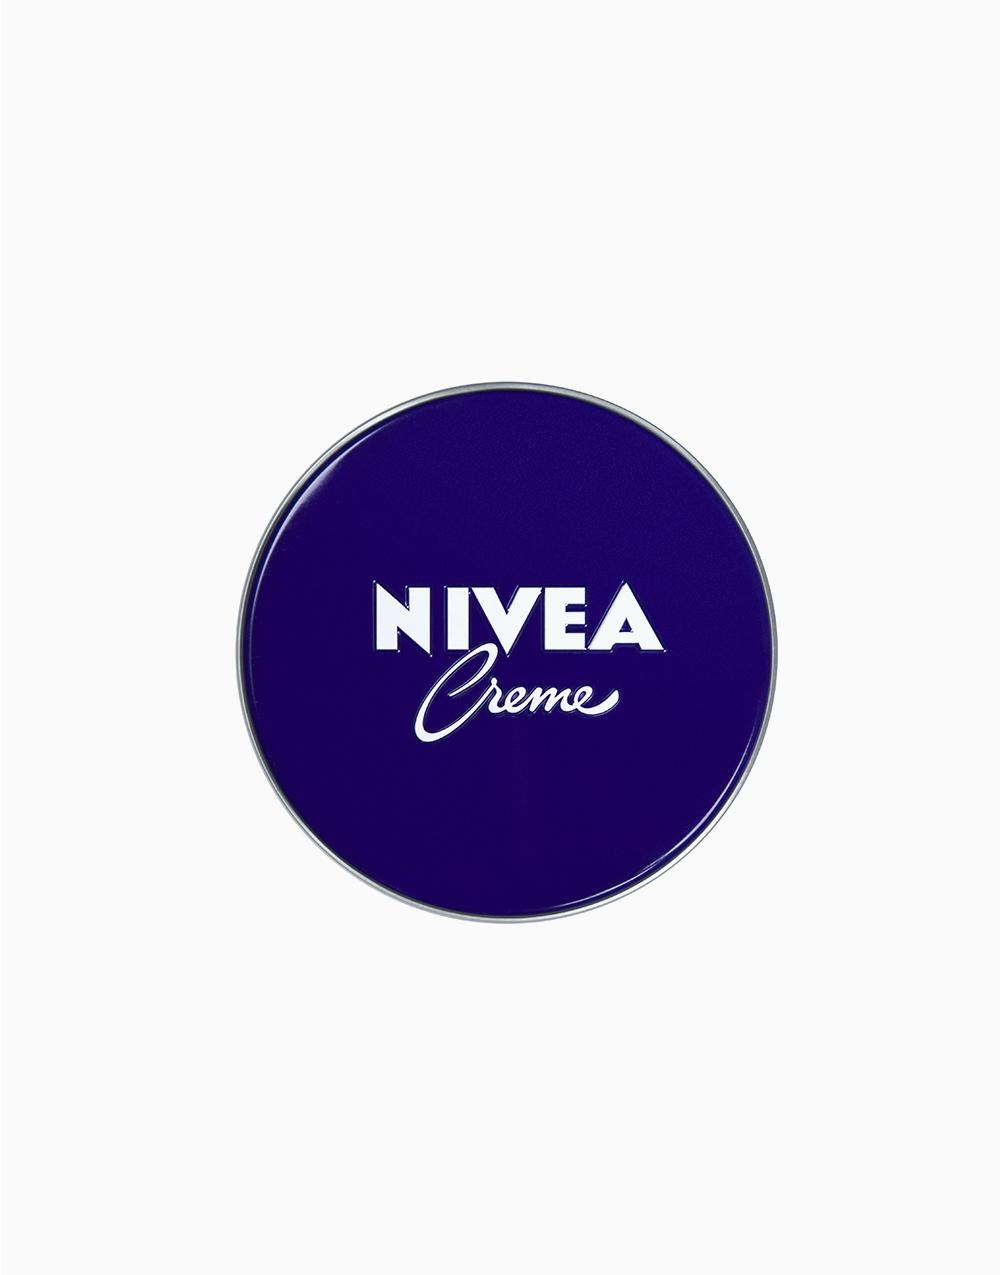 NIVEA Creme (150ml) by NIVEA